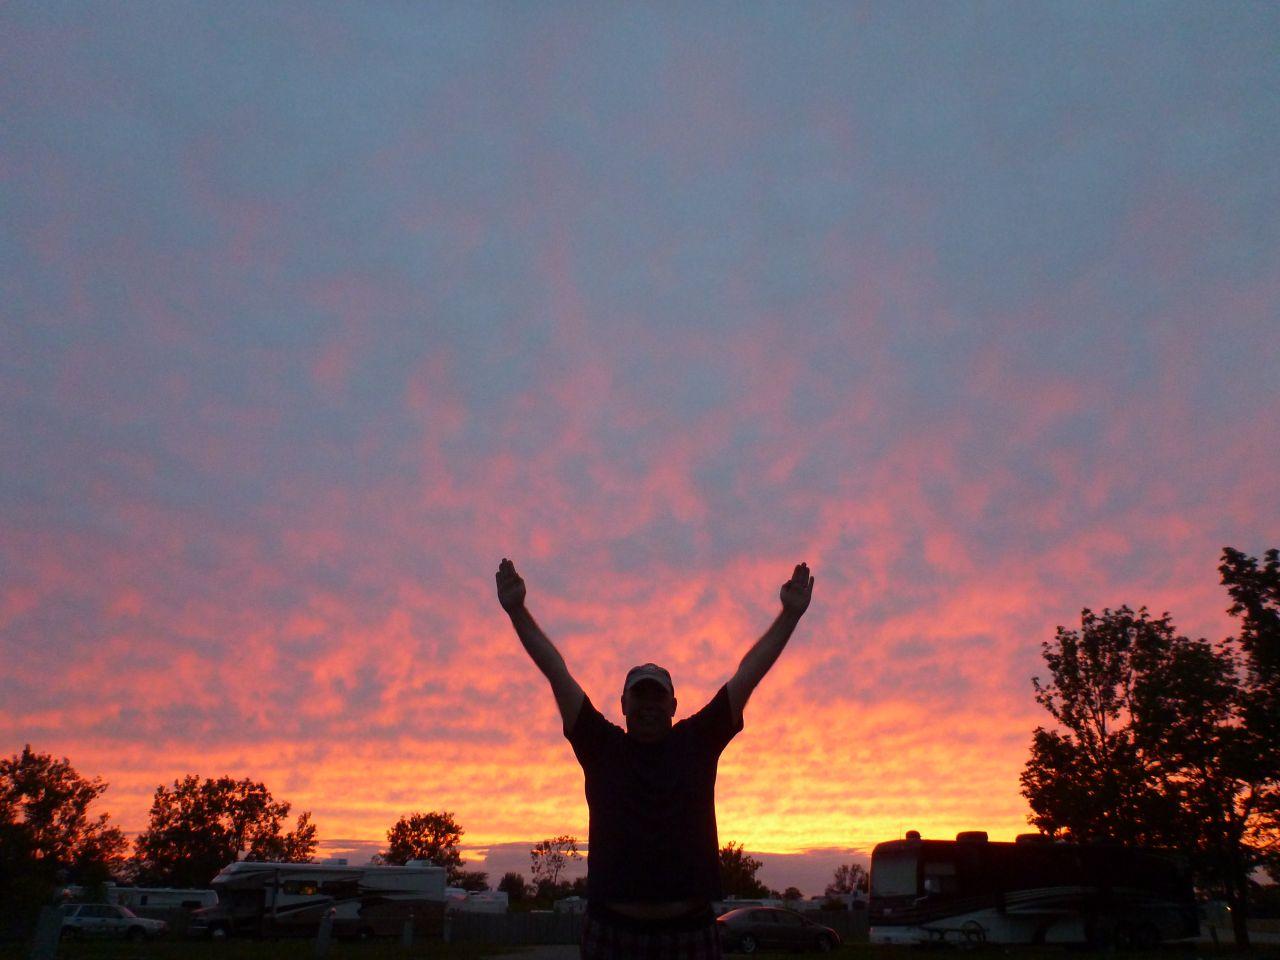 Enjoying The Sunset In Indiana